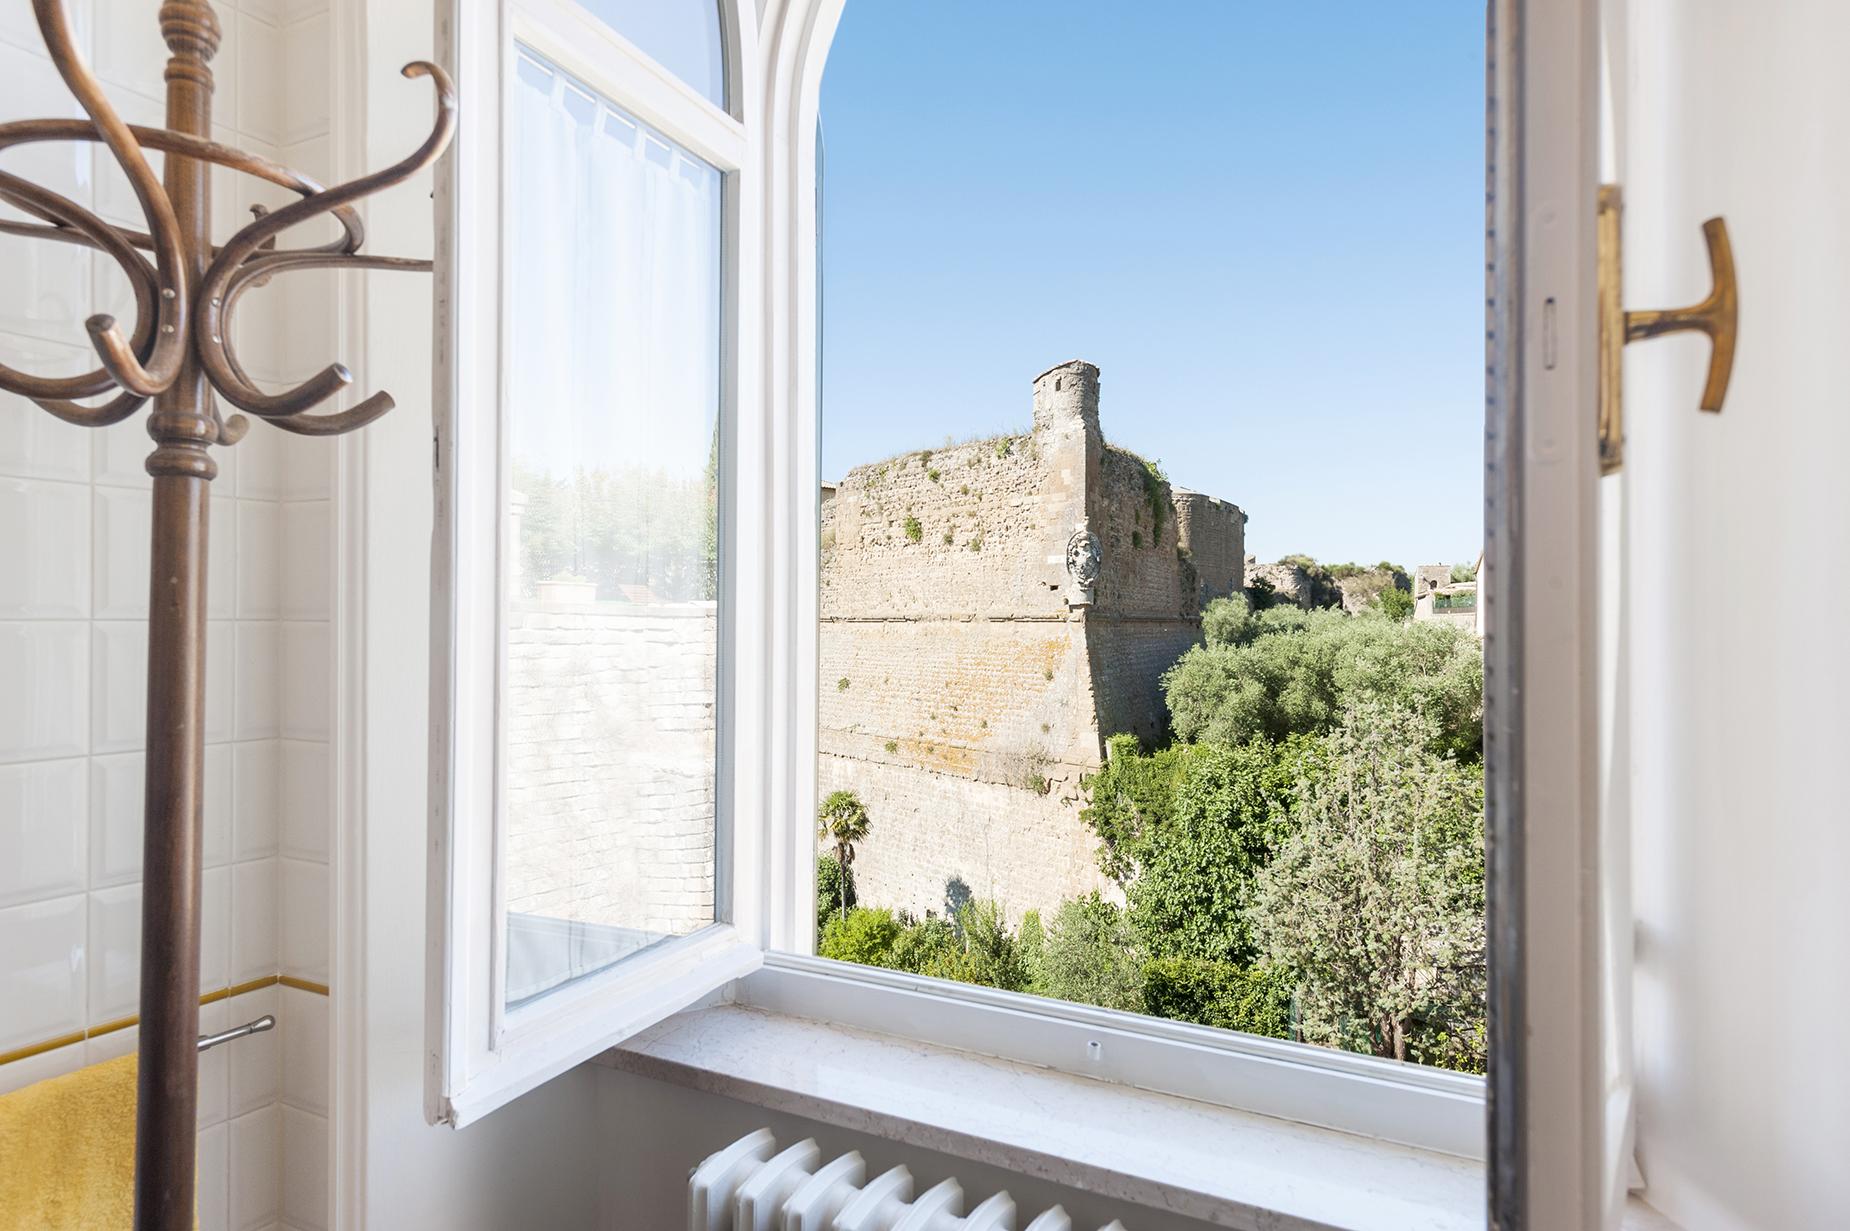 Casa indipendente in Vendita a Sorano: 5 locali, 230 mq - Foto 10